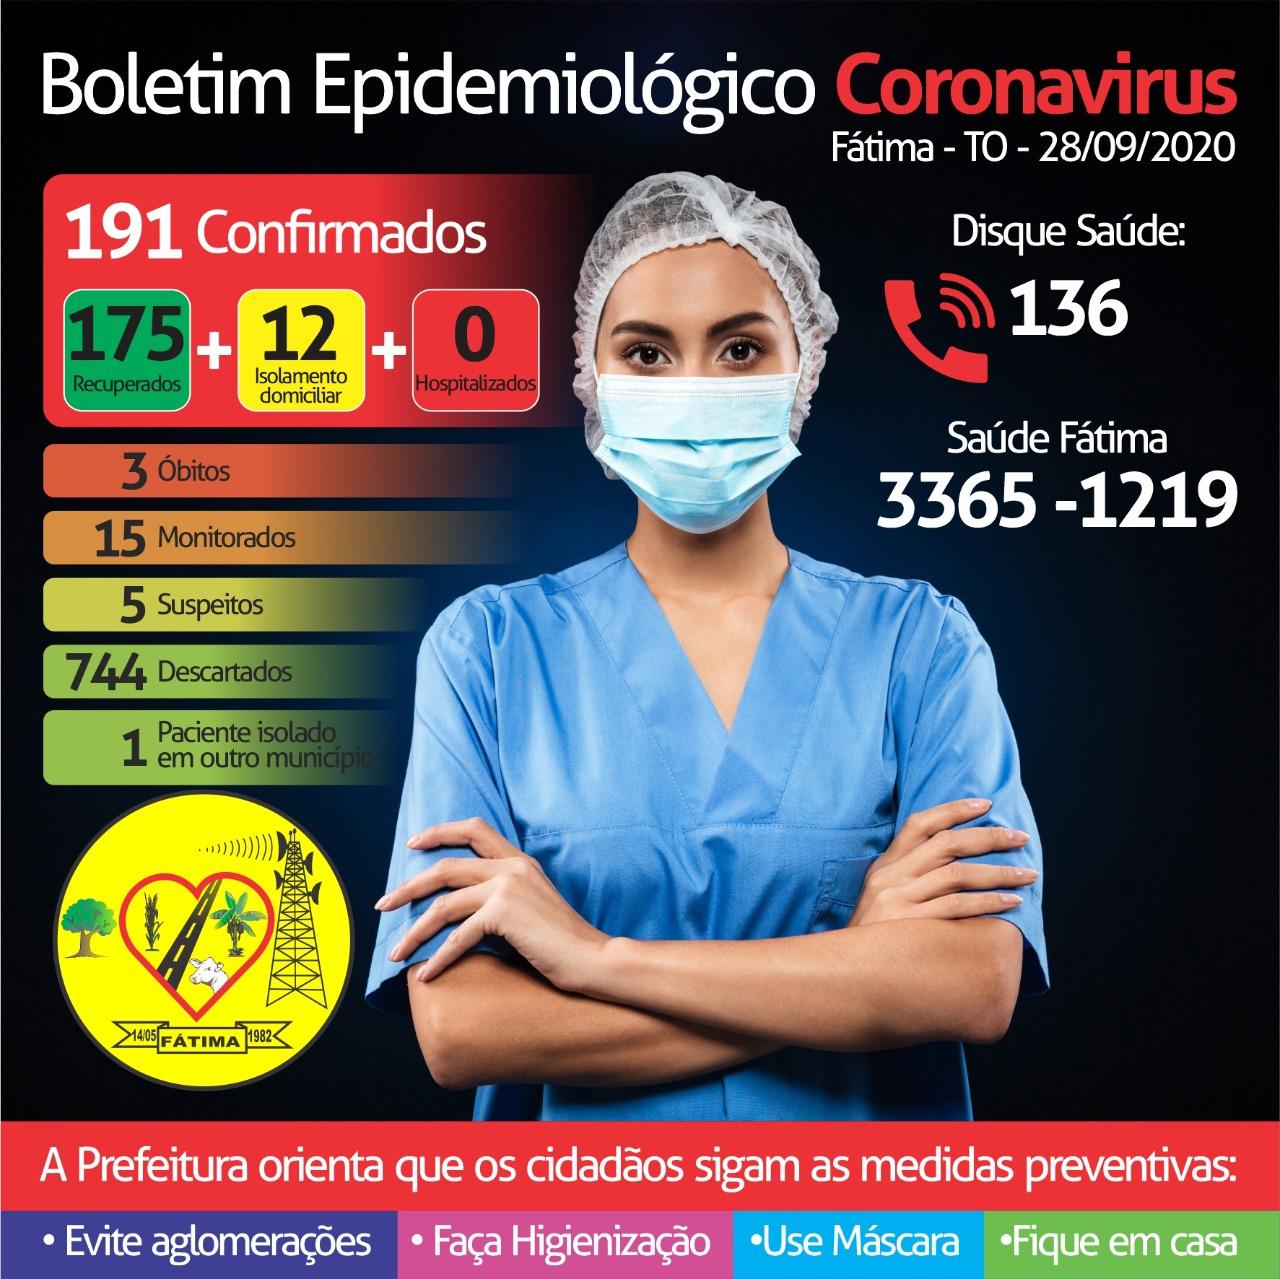 Fátima contabiliza mais um caso de Covid-19 e celebra recuperação de mais 5 pacientes